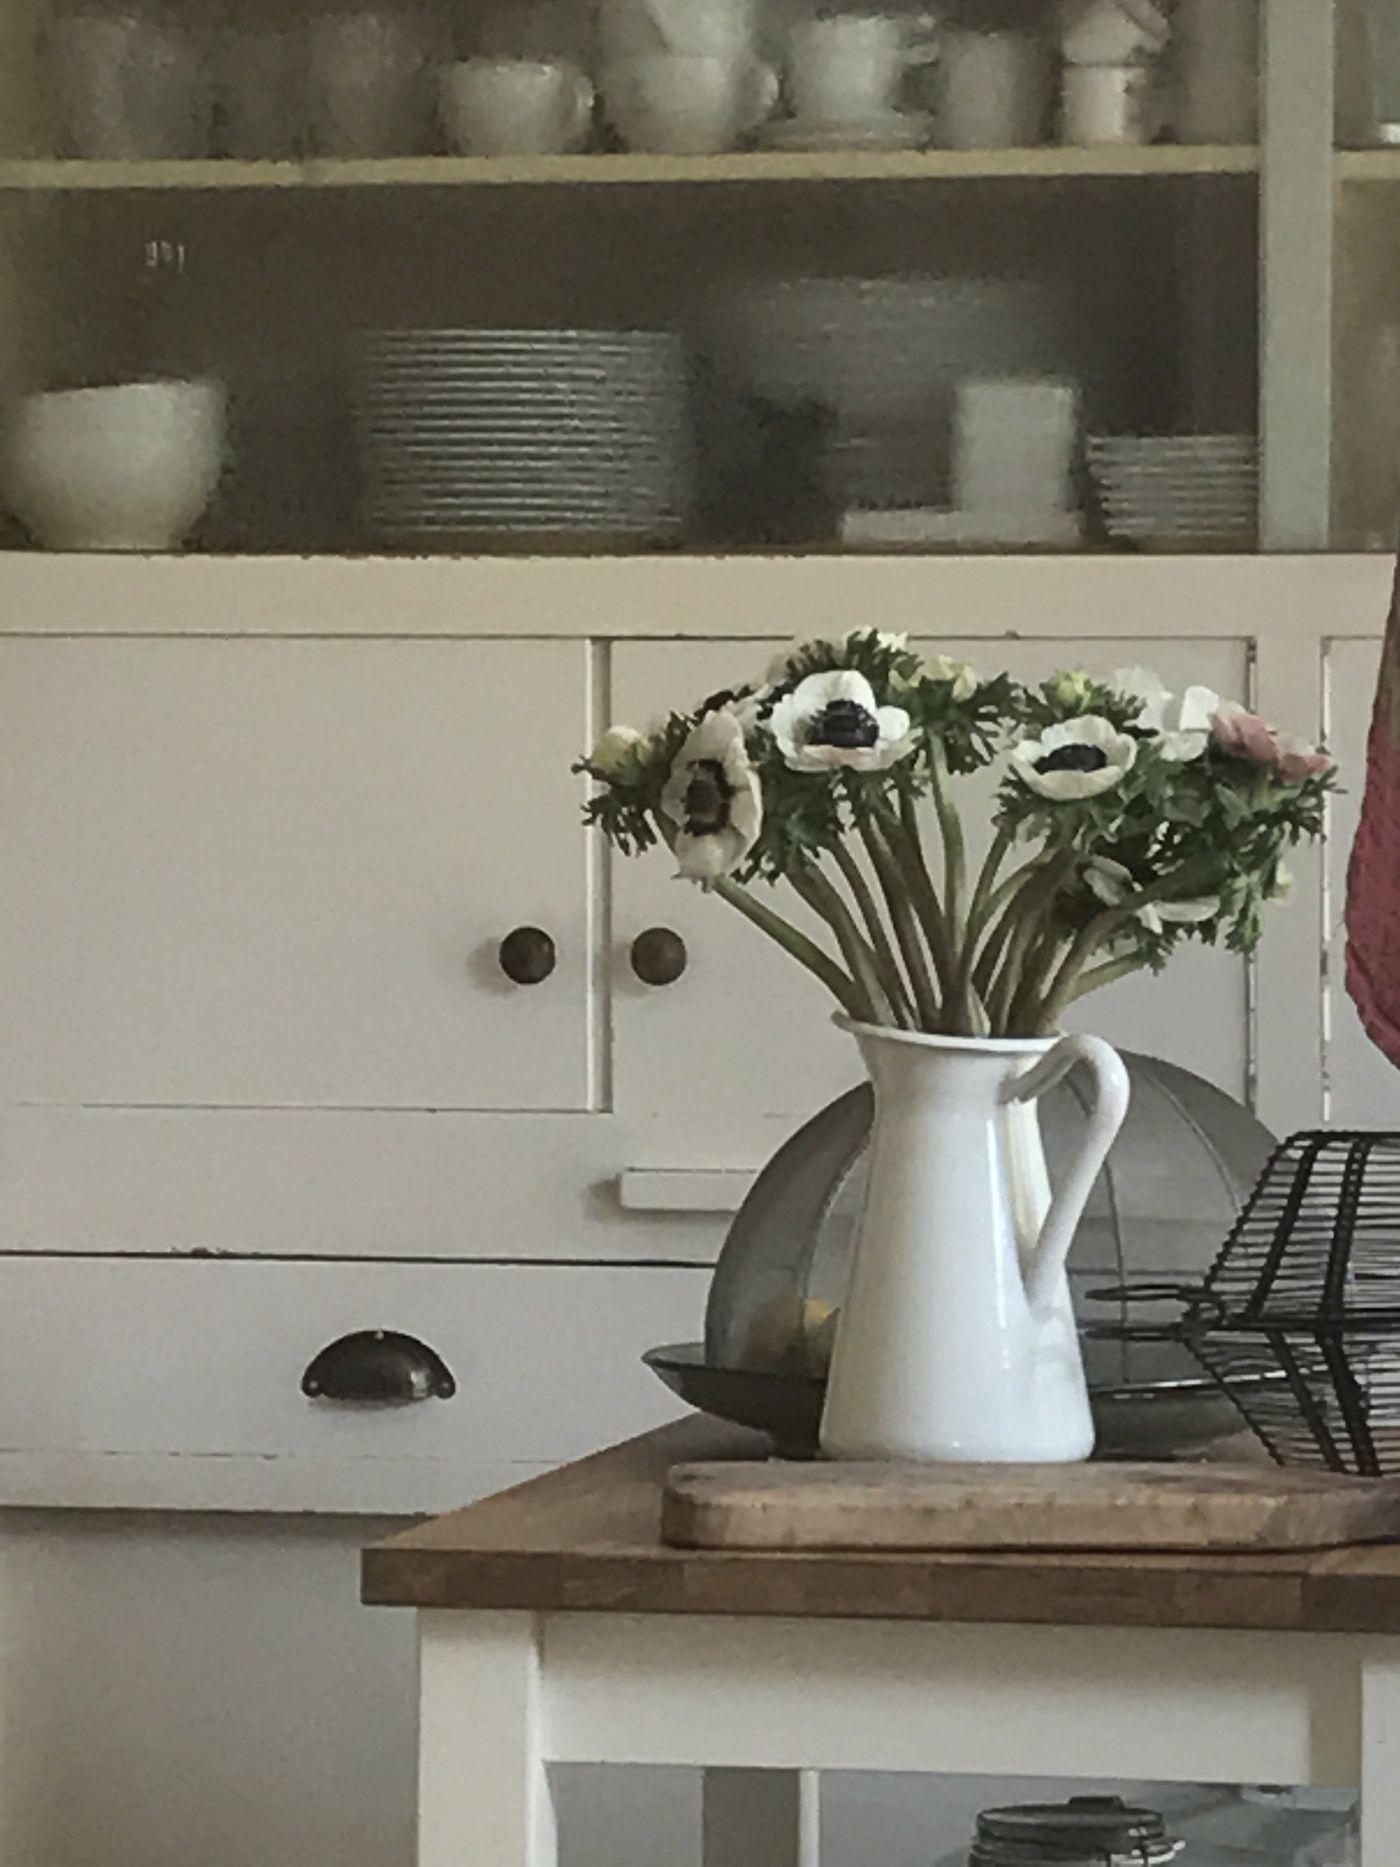 Fein Küchenschränke Designs In Kapstadt Ideen - Ideen Für Die Küche ...